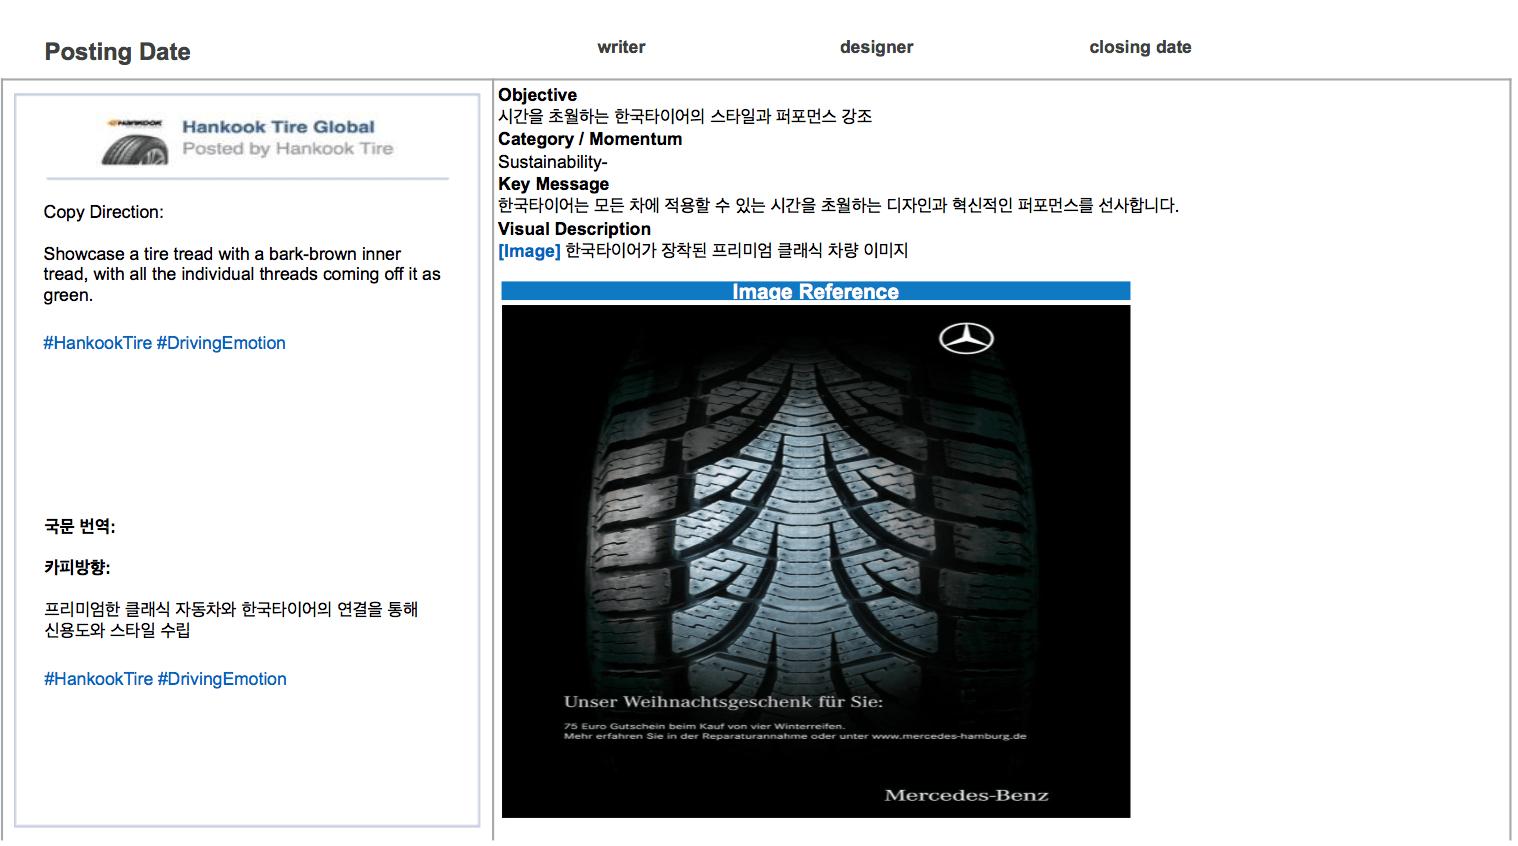 medium resolution of screen shot 2017 08 14 at 7 48 29 pm png